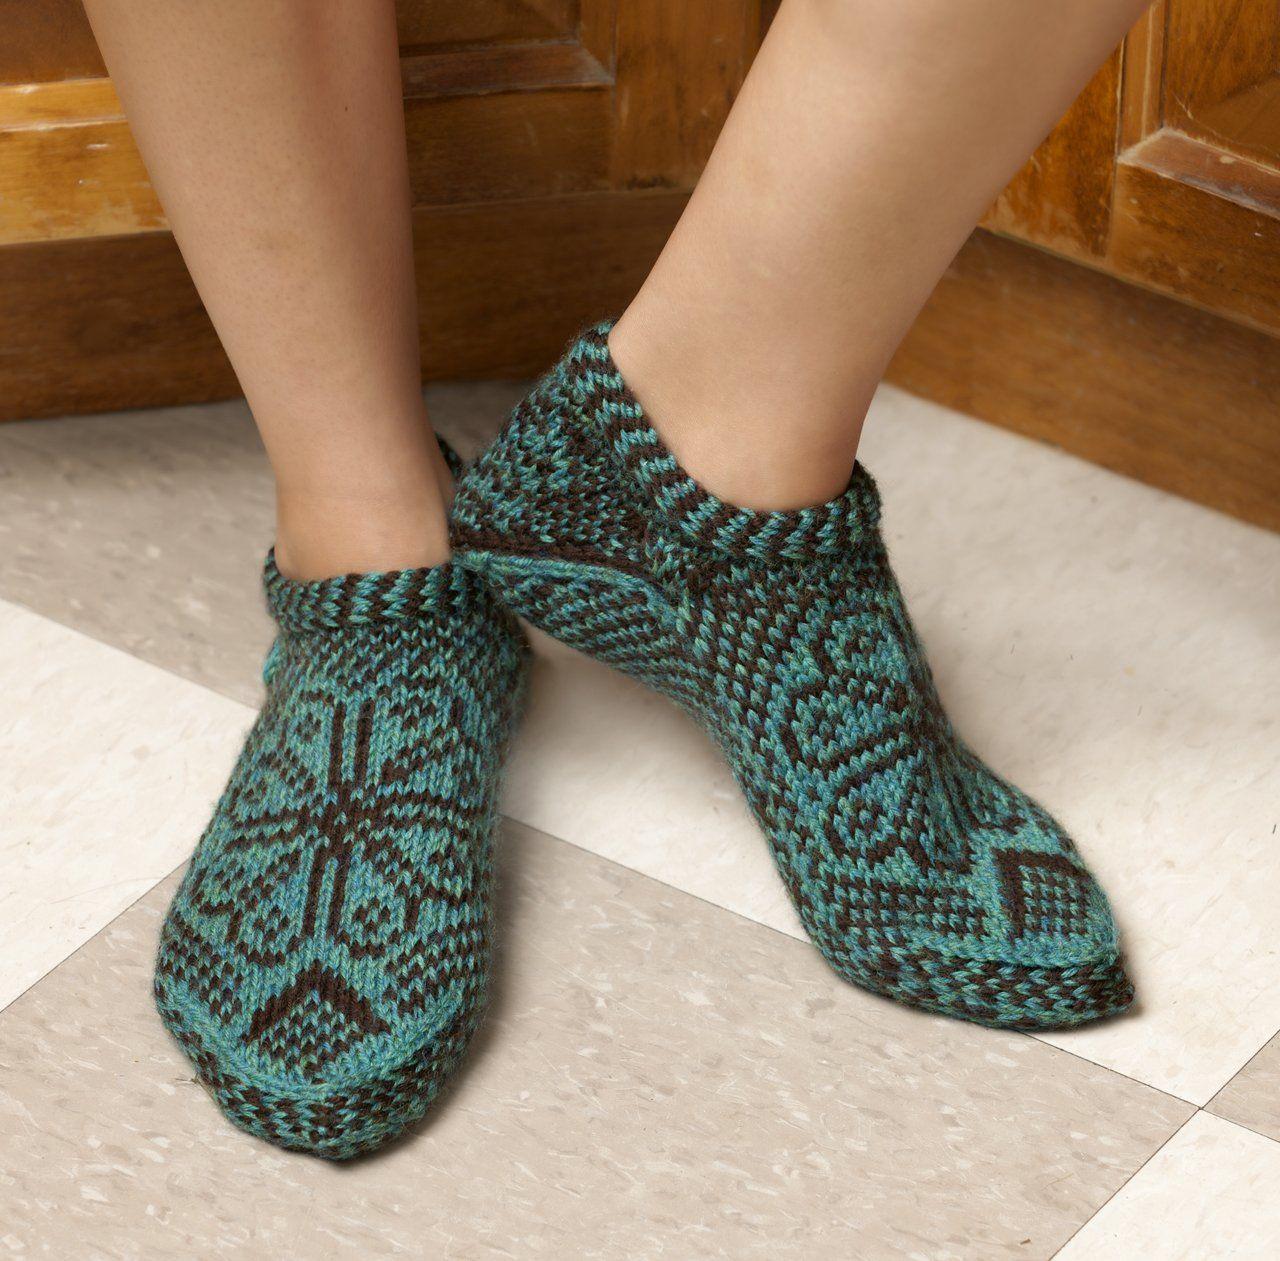 Knitting Scandinavian Slippers And Socks Laura Farson 9781604680492 Amazon Com Books Slippers Pattern Knitted Slippers Knitting Socks